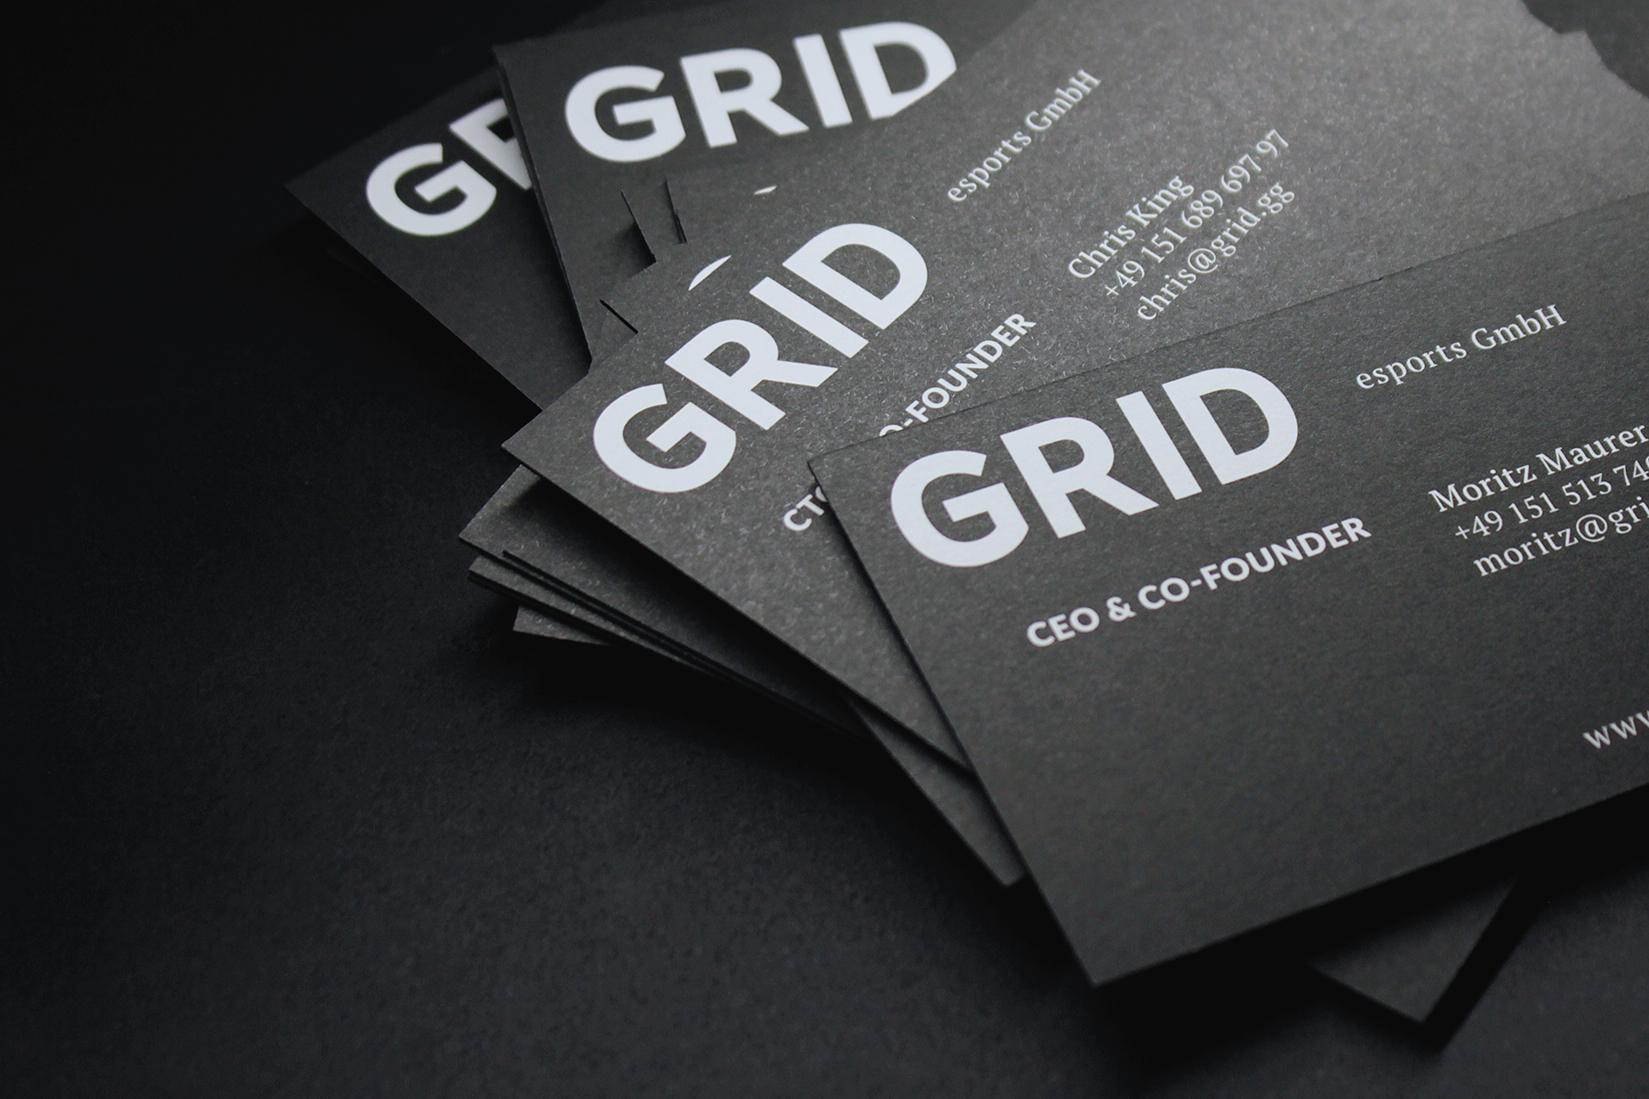 Grid_Businesscard_Studio_L_Livia_Ritthaler02.jpg